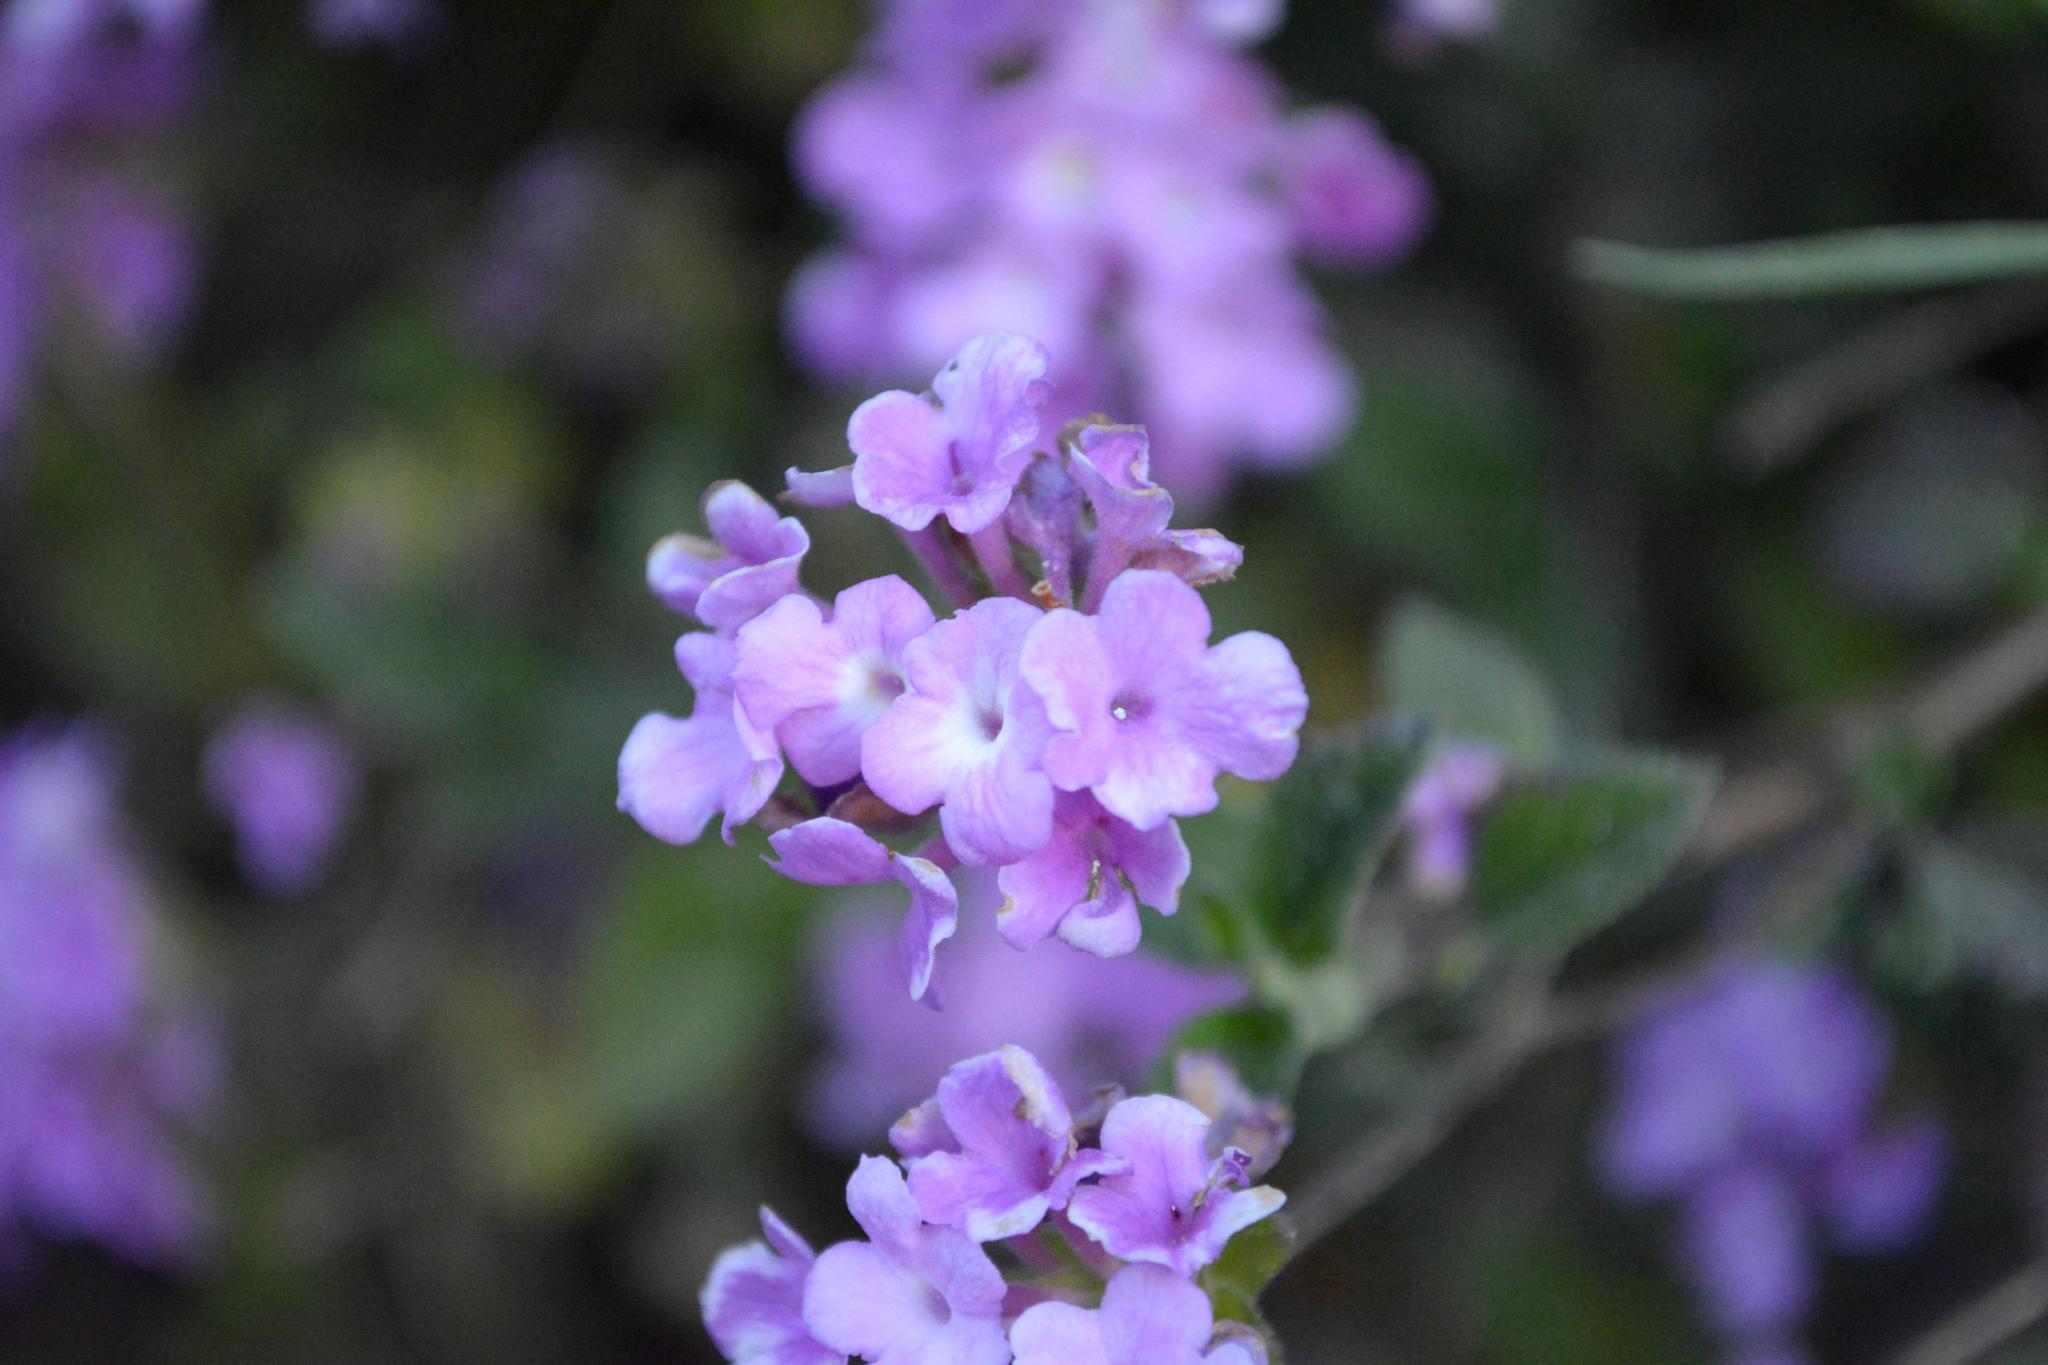 flowers by pitu.velarde